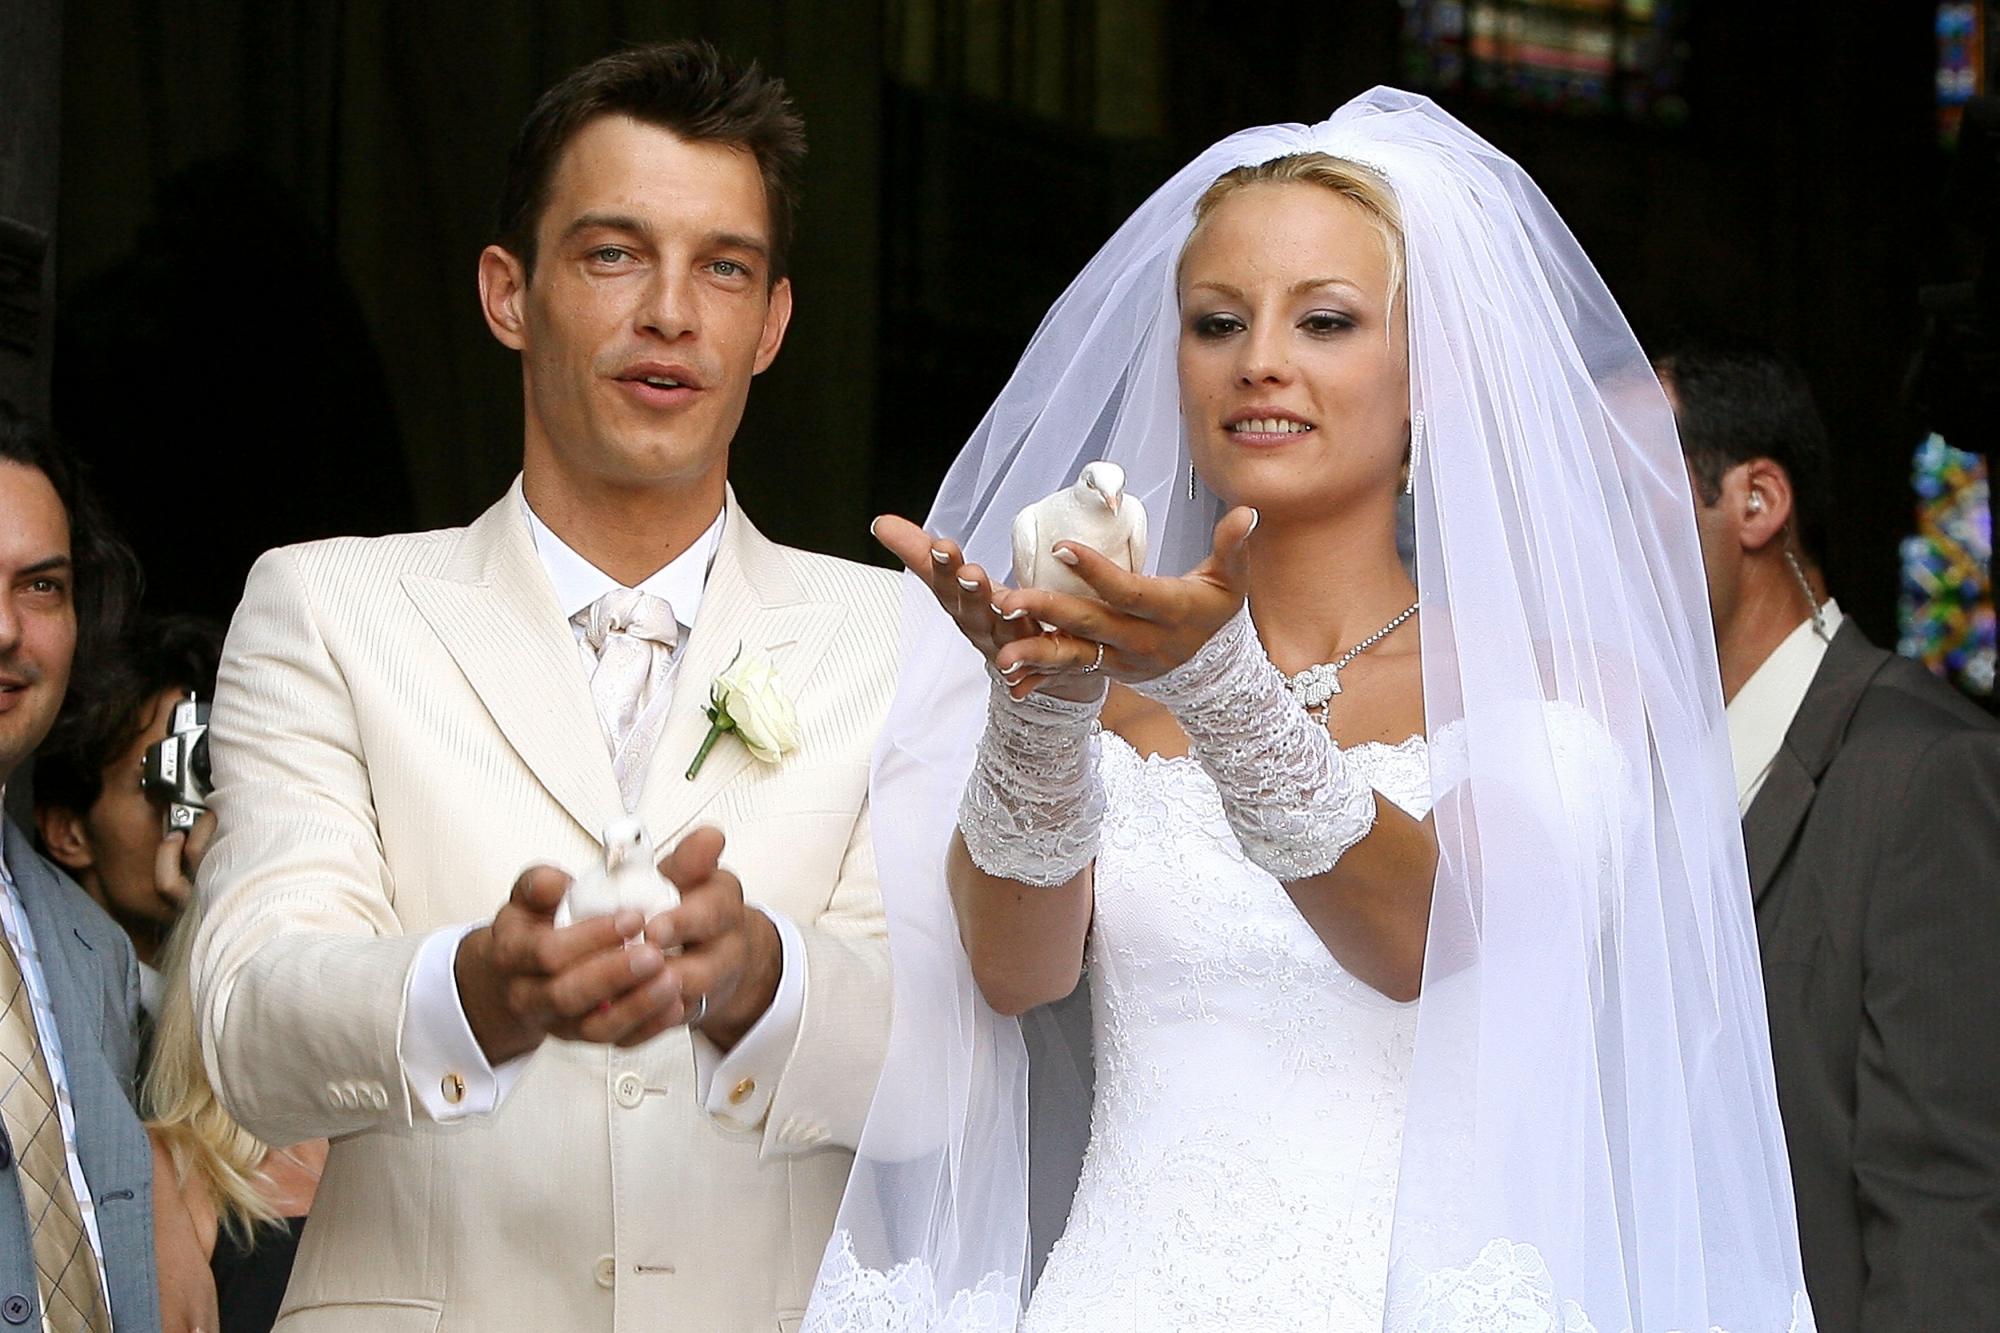 Elodie Gossuin et Bertrand Lacherie se marient à Compiègne le 1er juillet  2006.